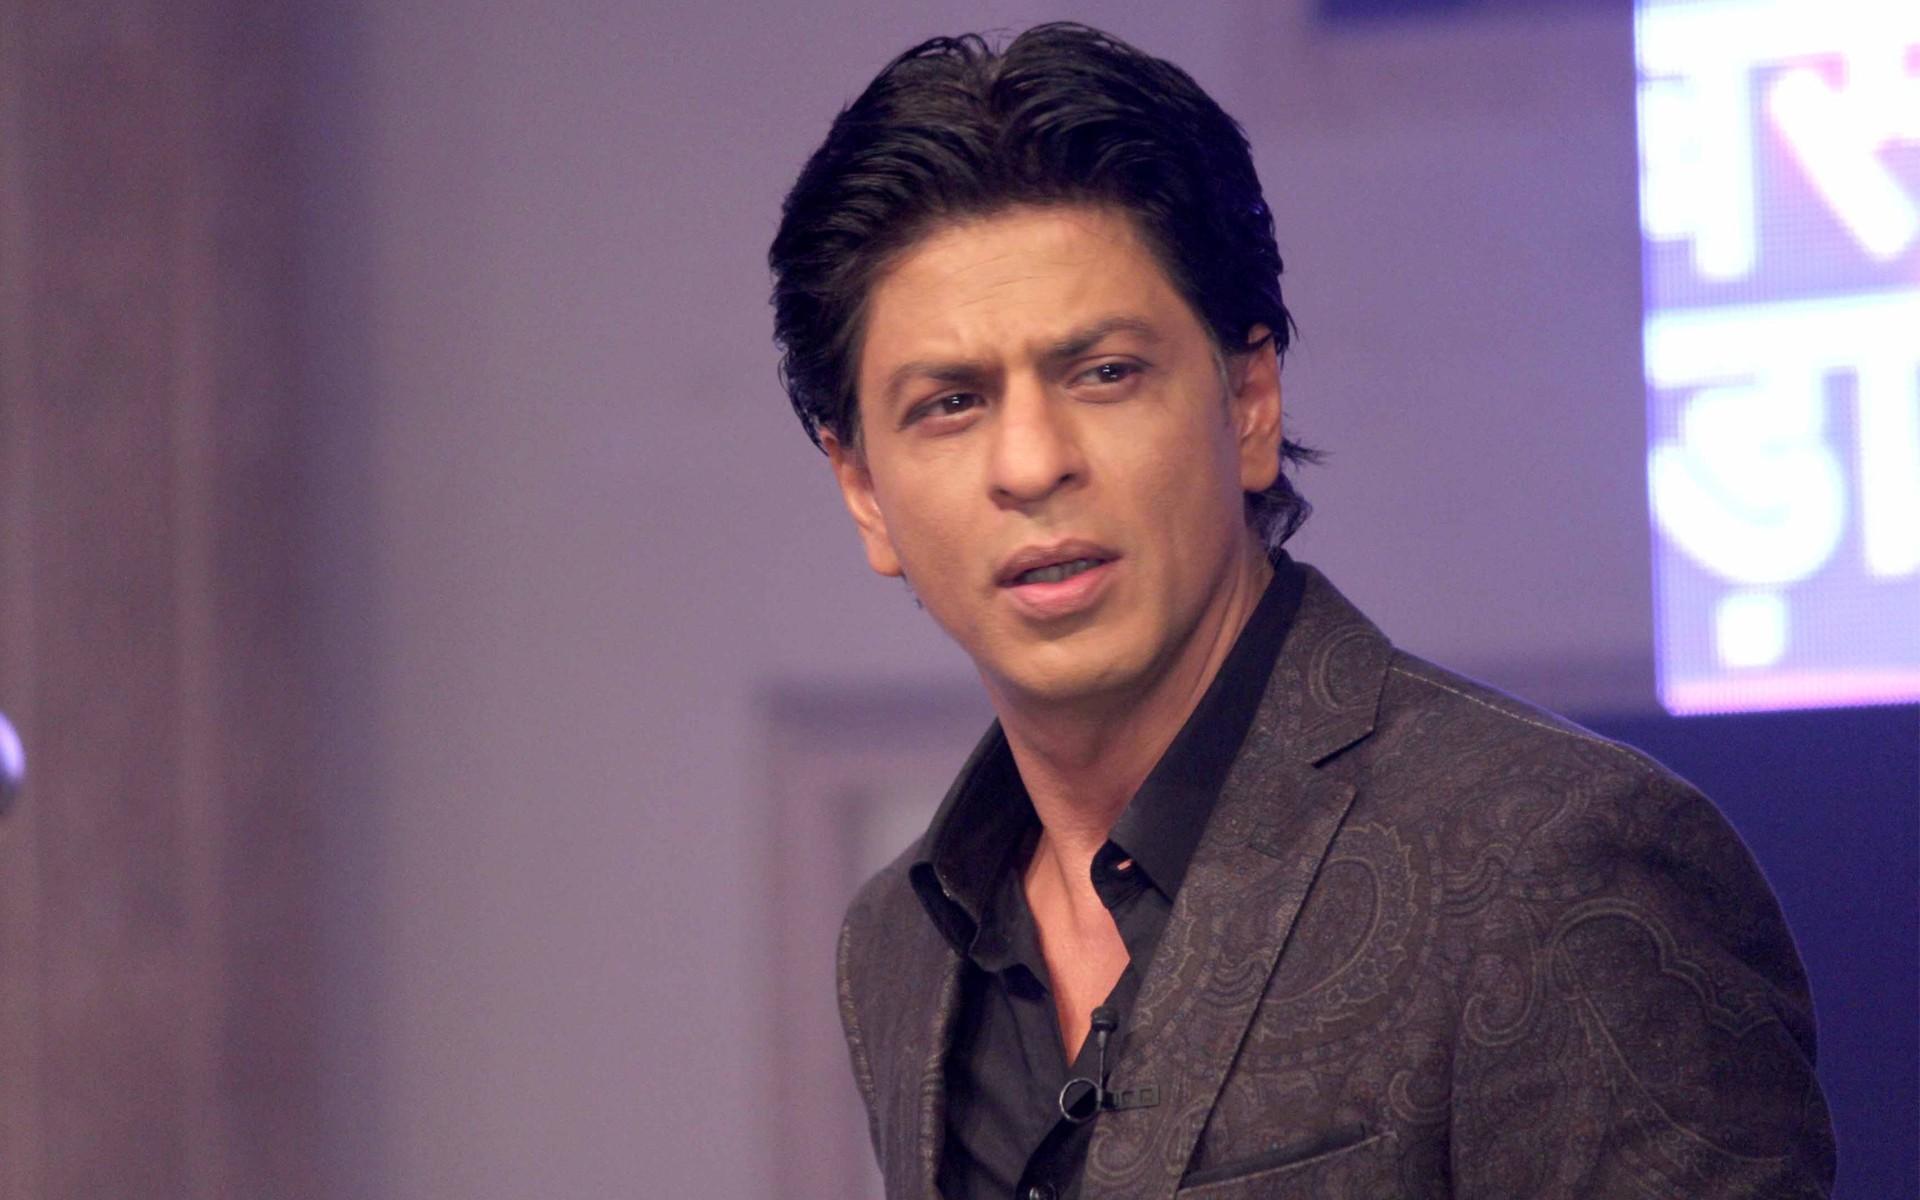 Shah Rukh Khan Widescreen for desktop